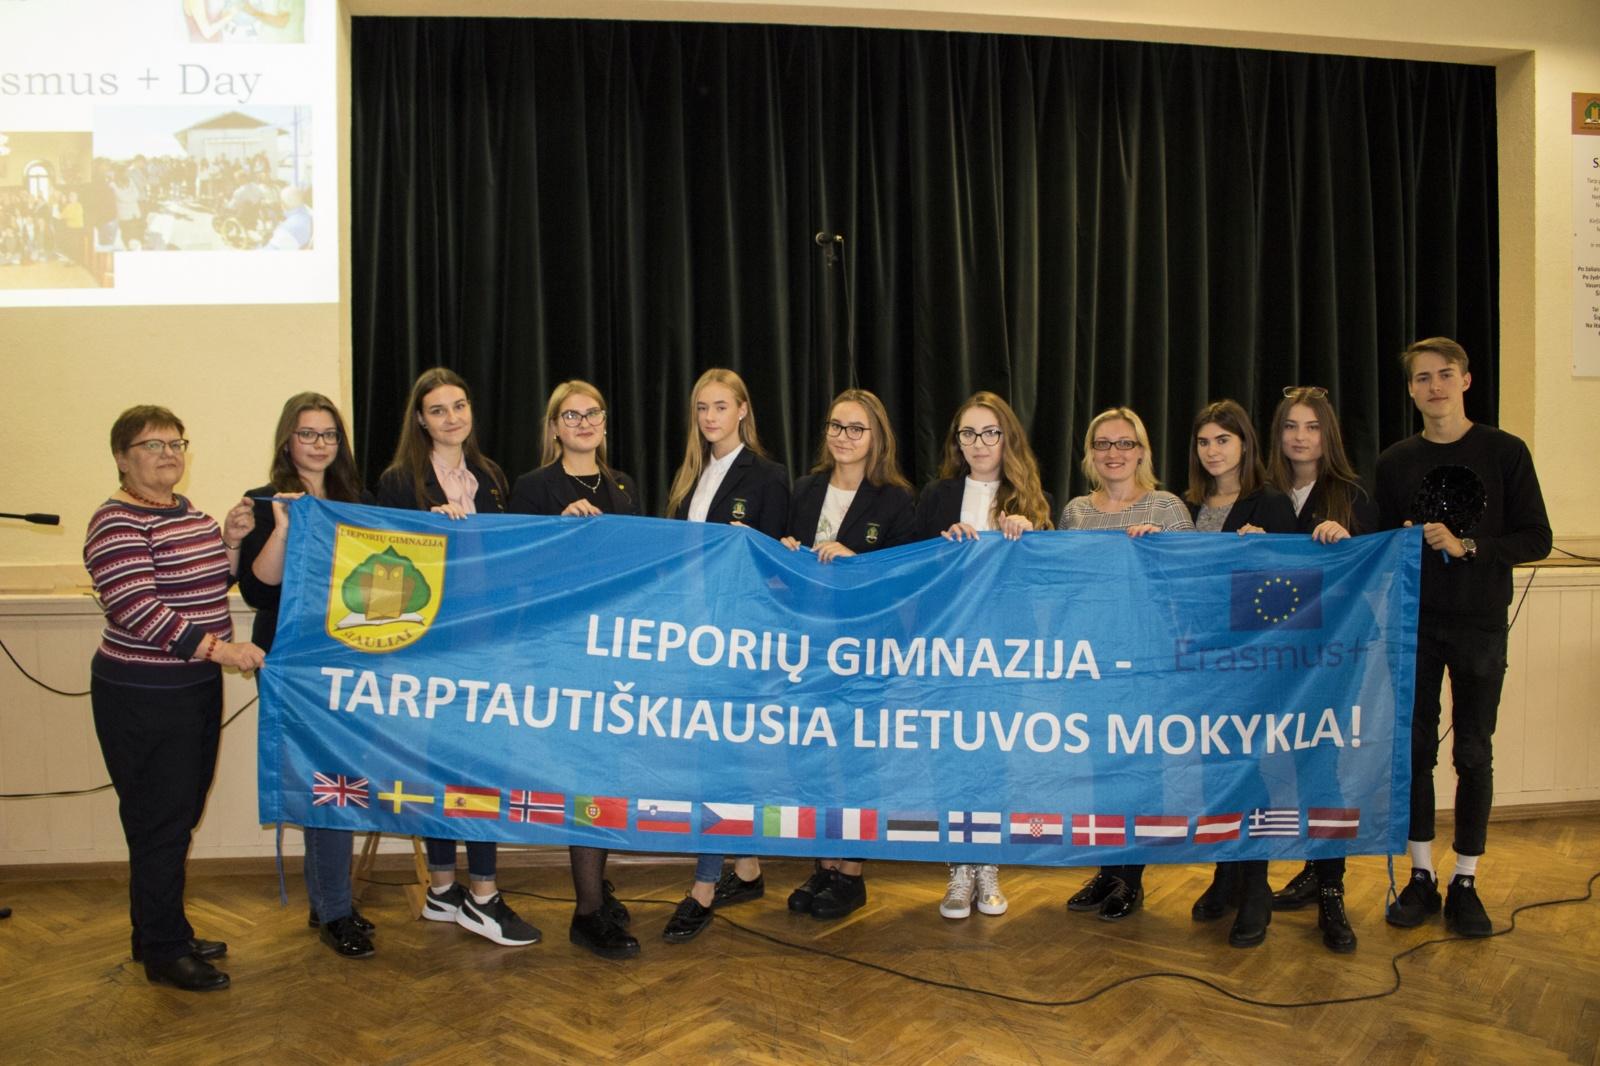 """,,Erasmus+"""" diena Lieporių gimnazijoje"""